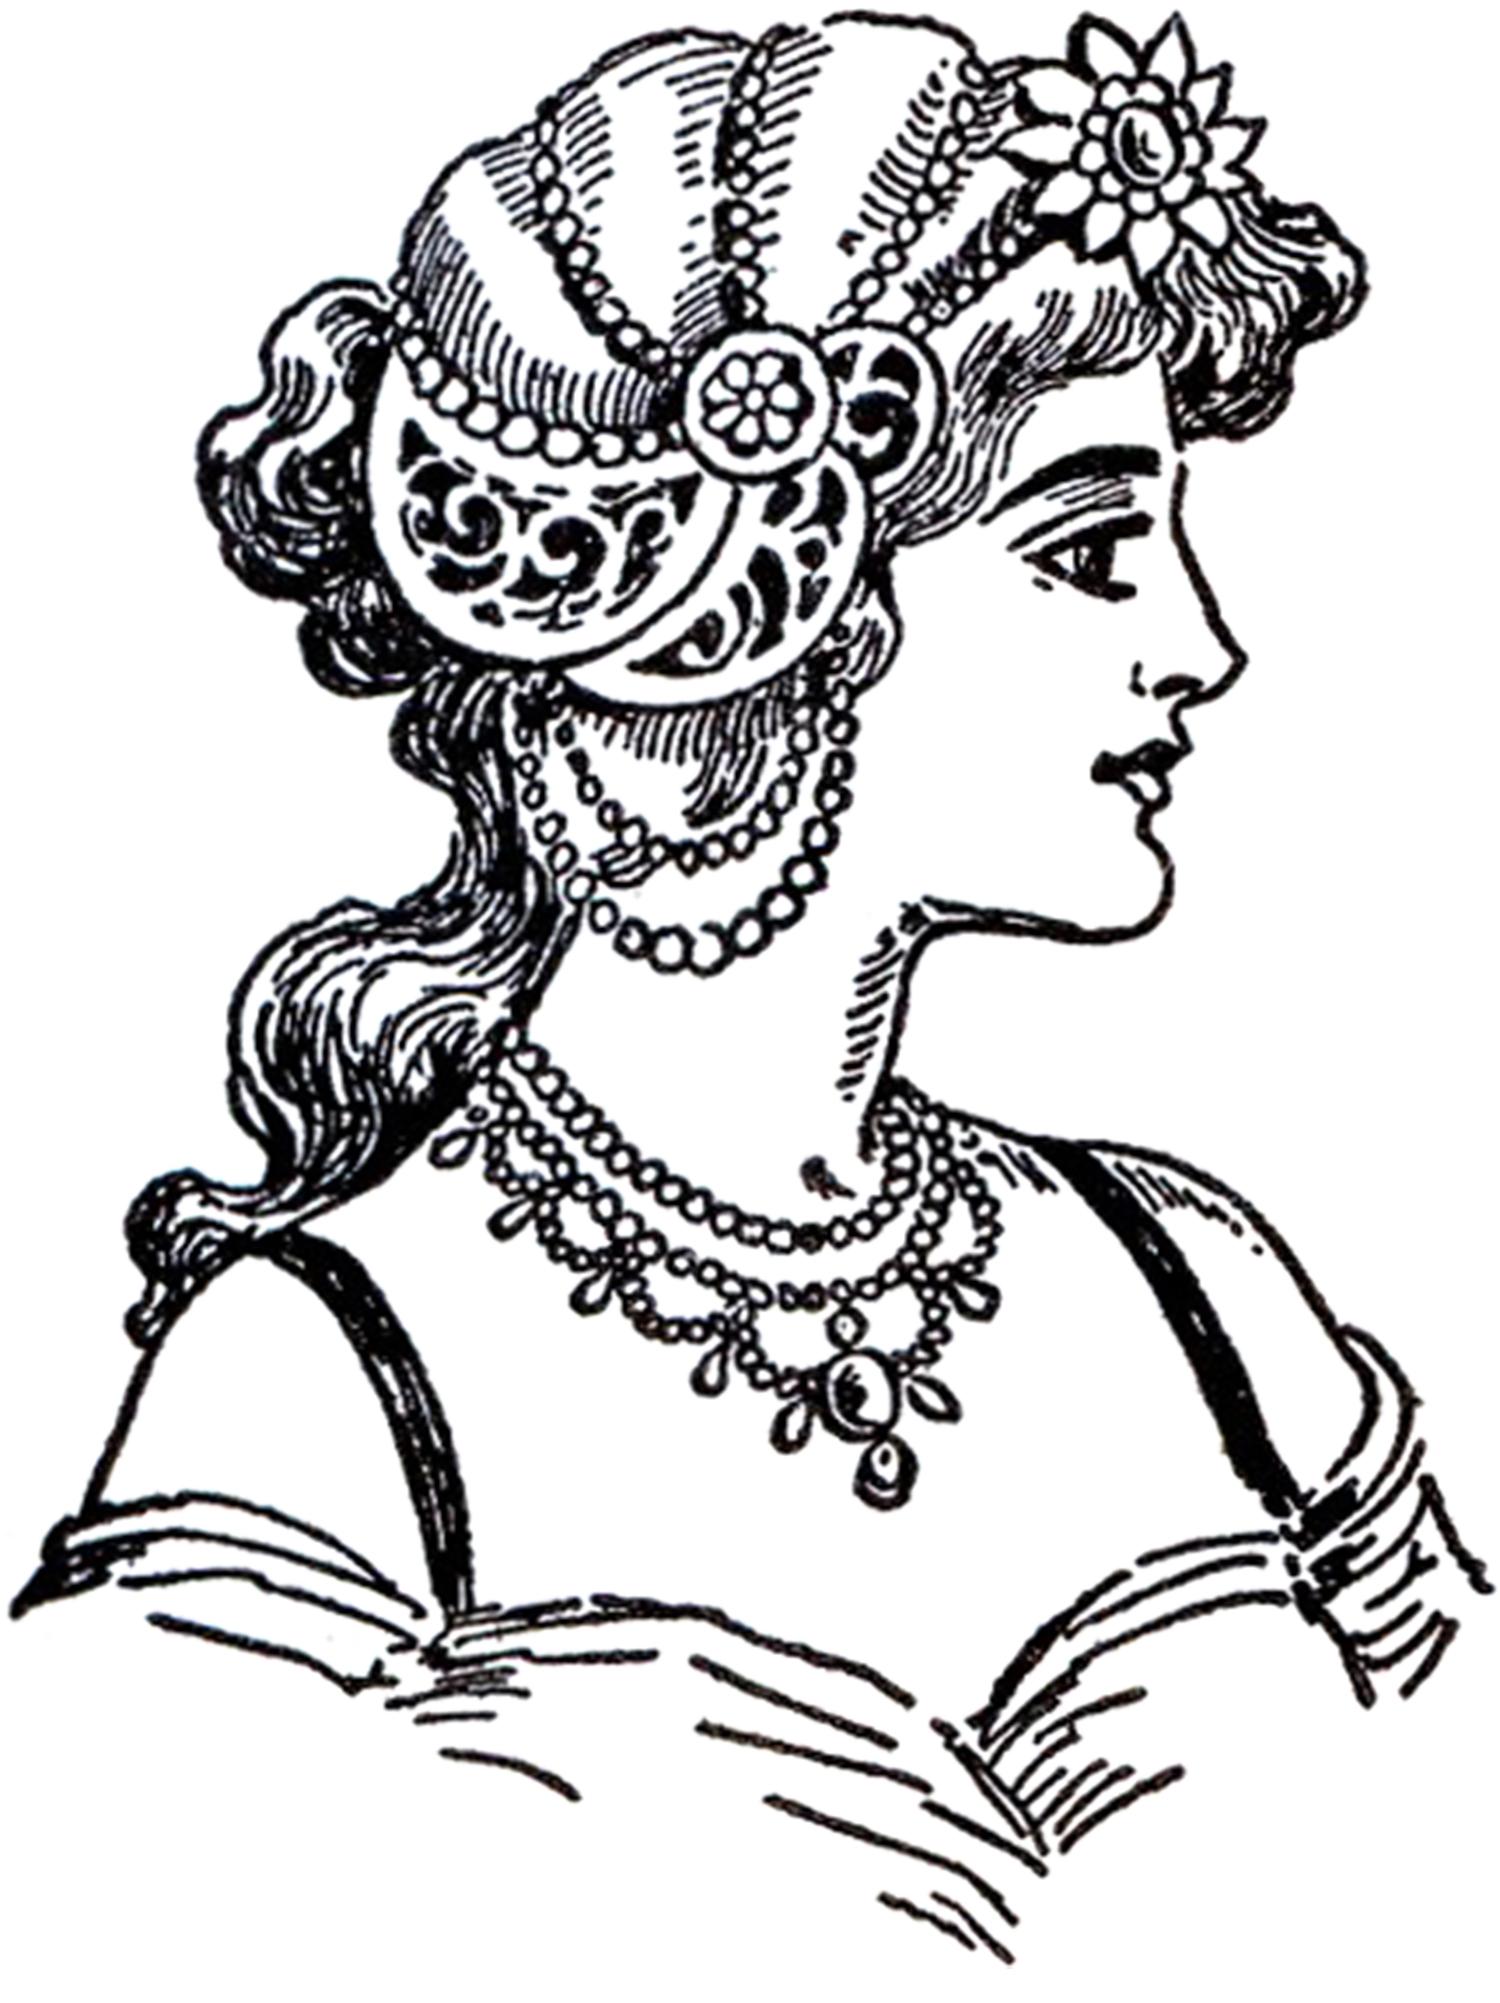 Jewelry Design Line Art : Art nouveau lady images the graphics fairy